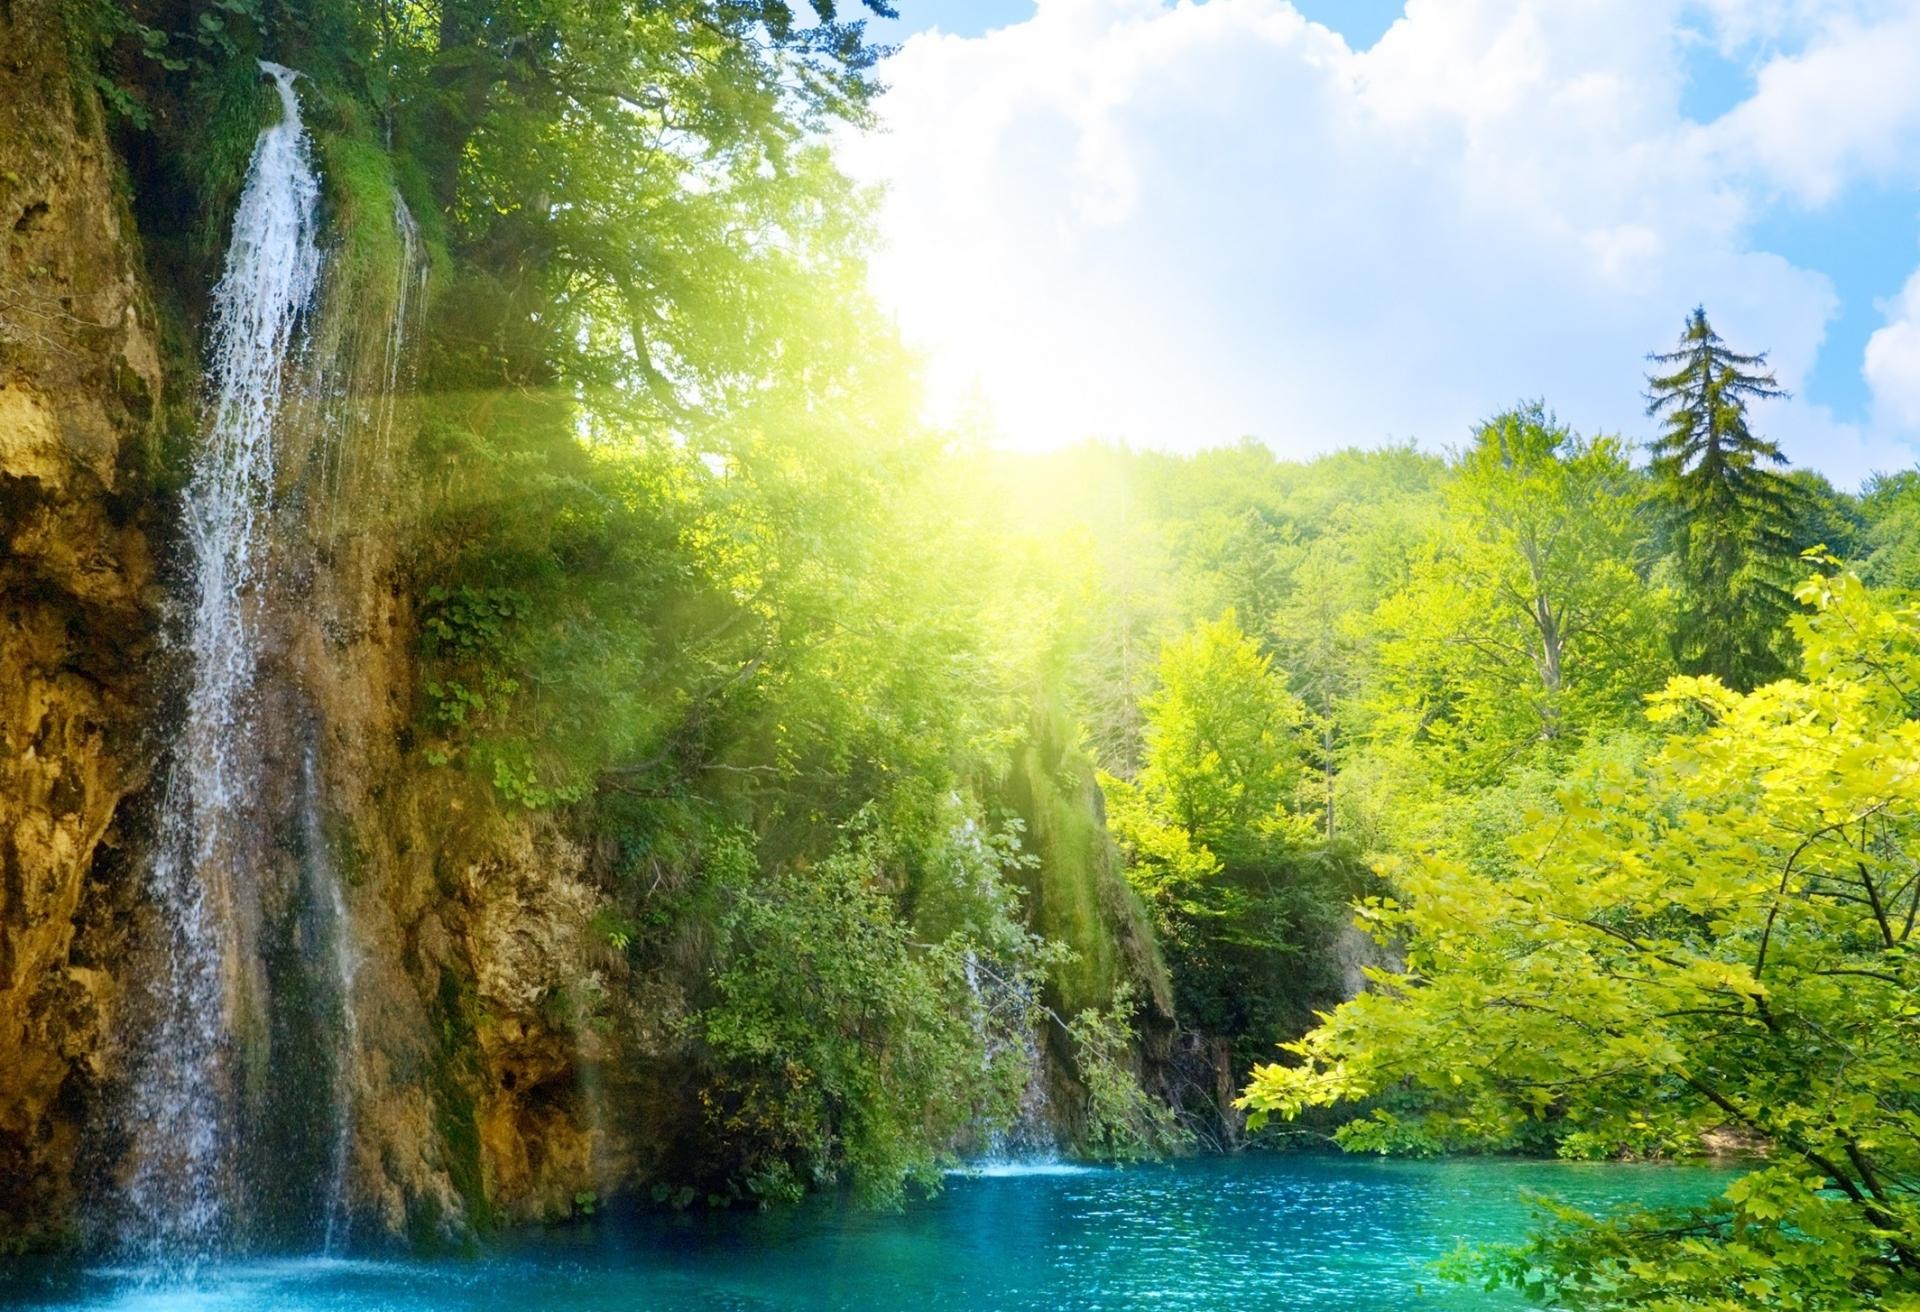 Galleria immagini natura con sfondi di panorami meravigliosi for Sfondi hd natura